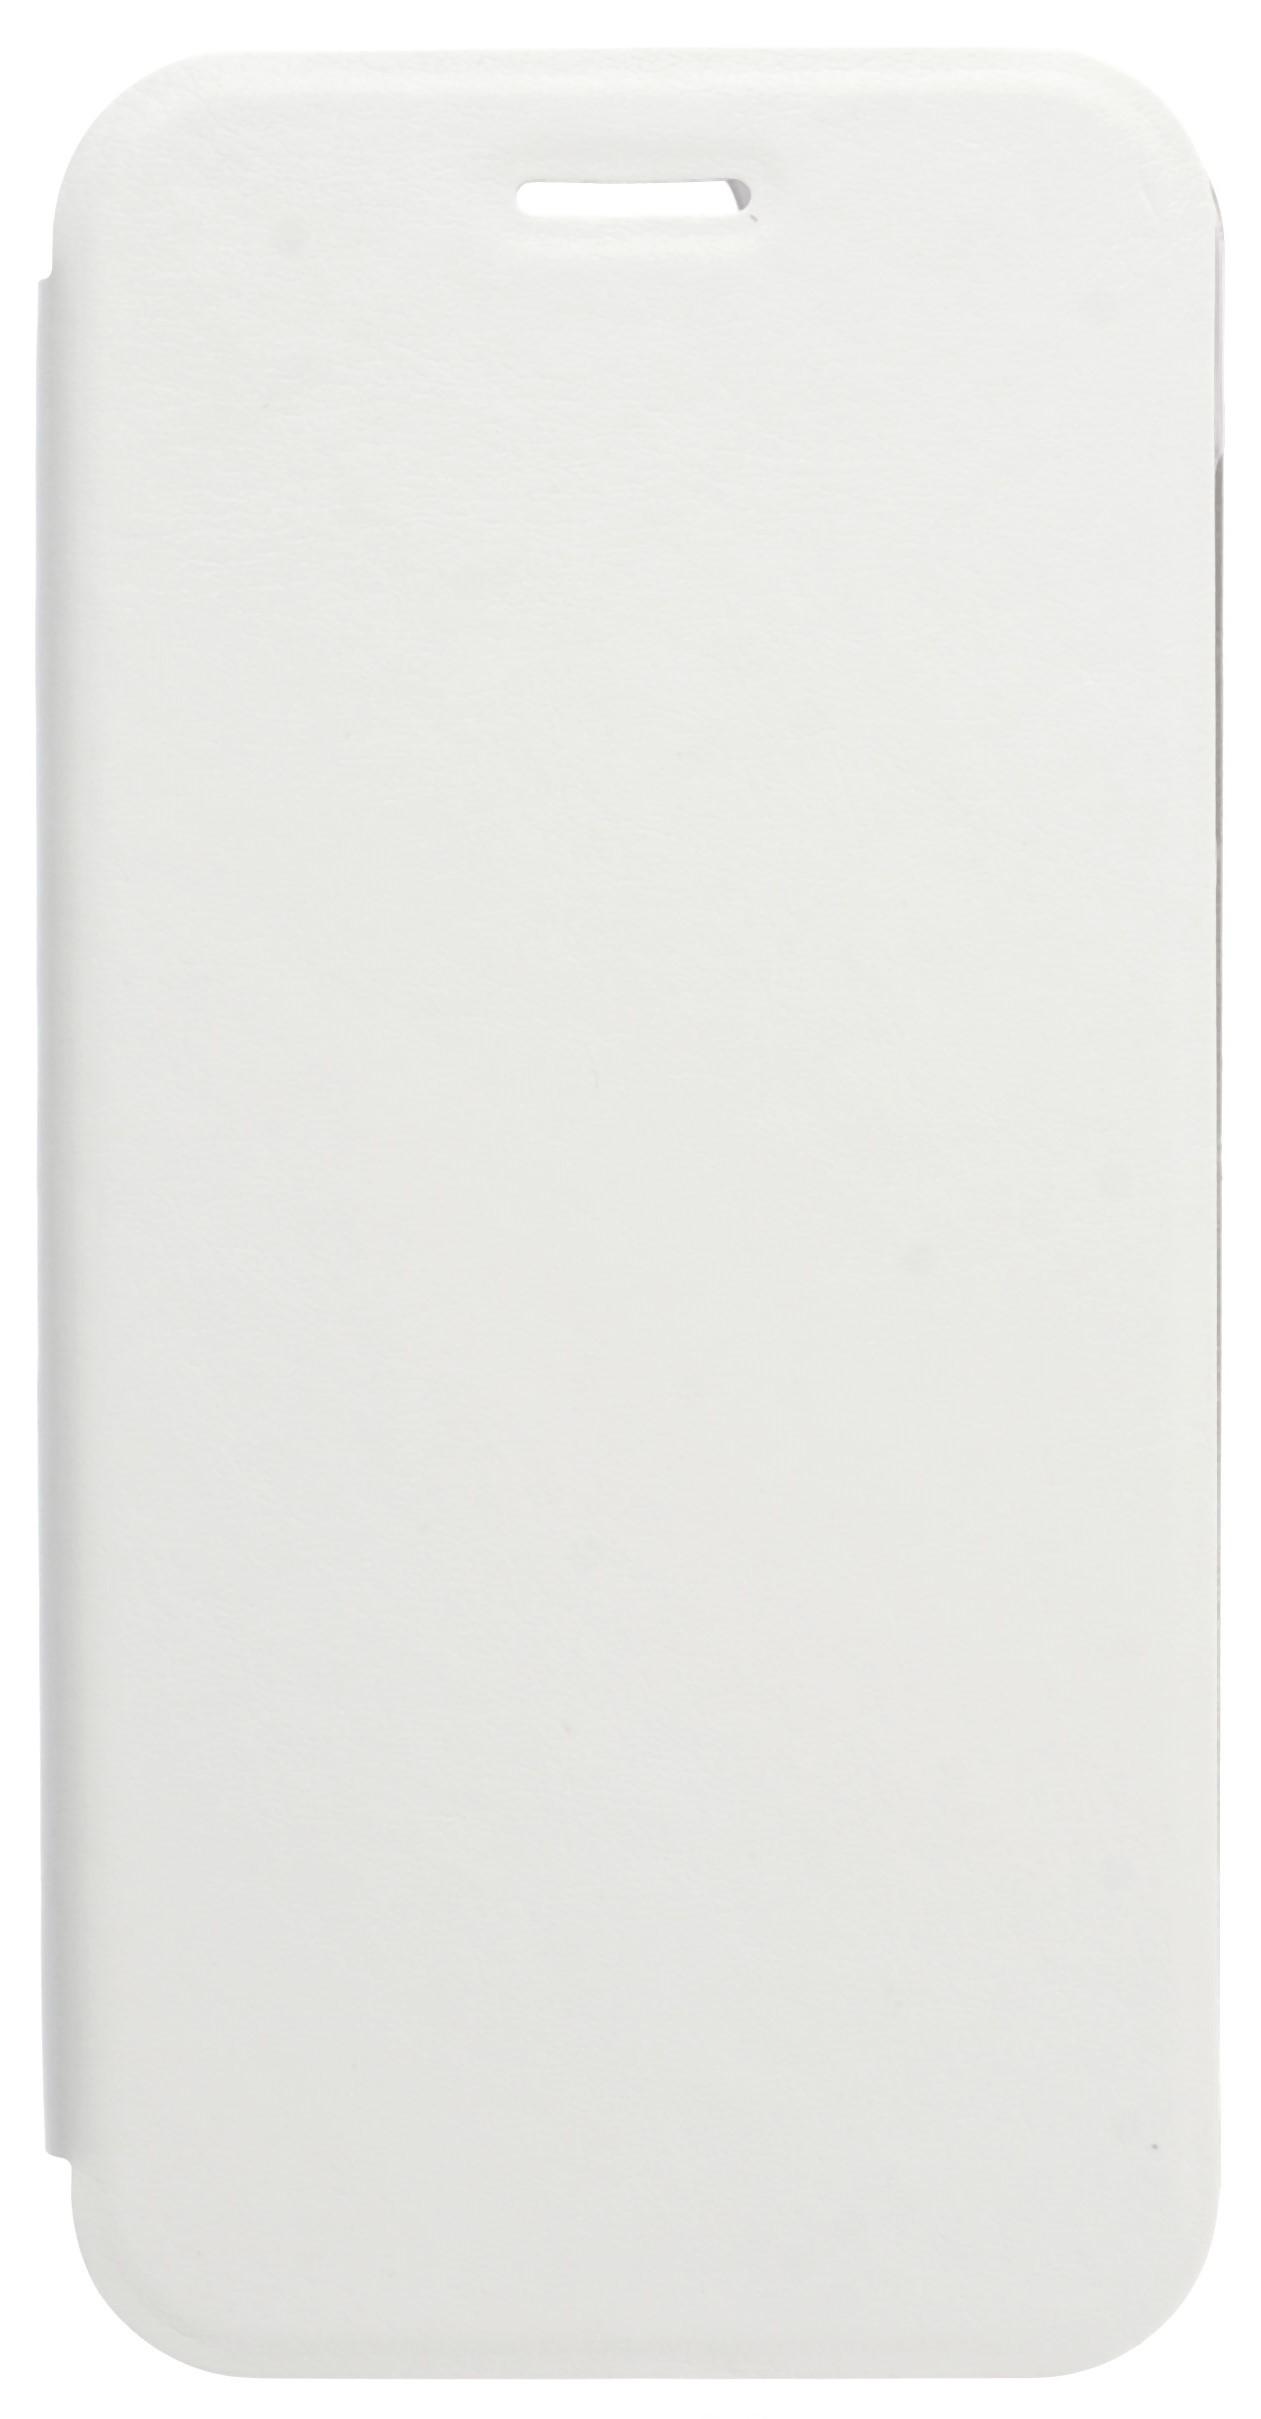 Чехол для сотового телефона skinBOX Lux, 4630042527645, белый nokia cc 3096 чехол для lumia 435 532